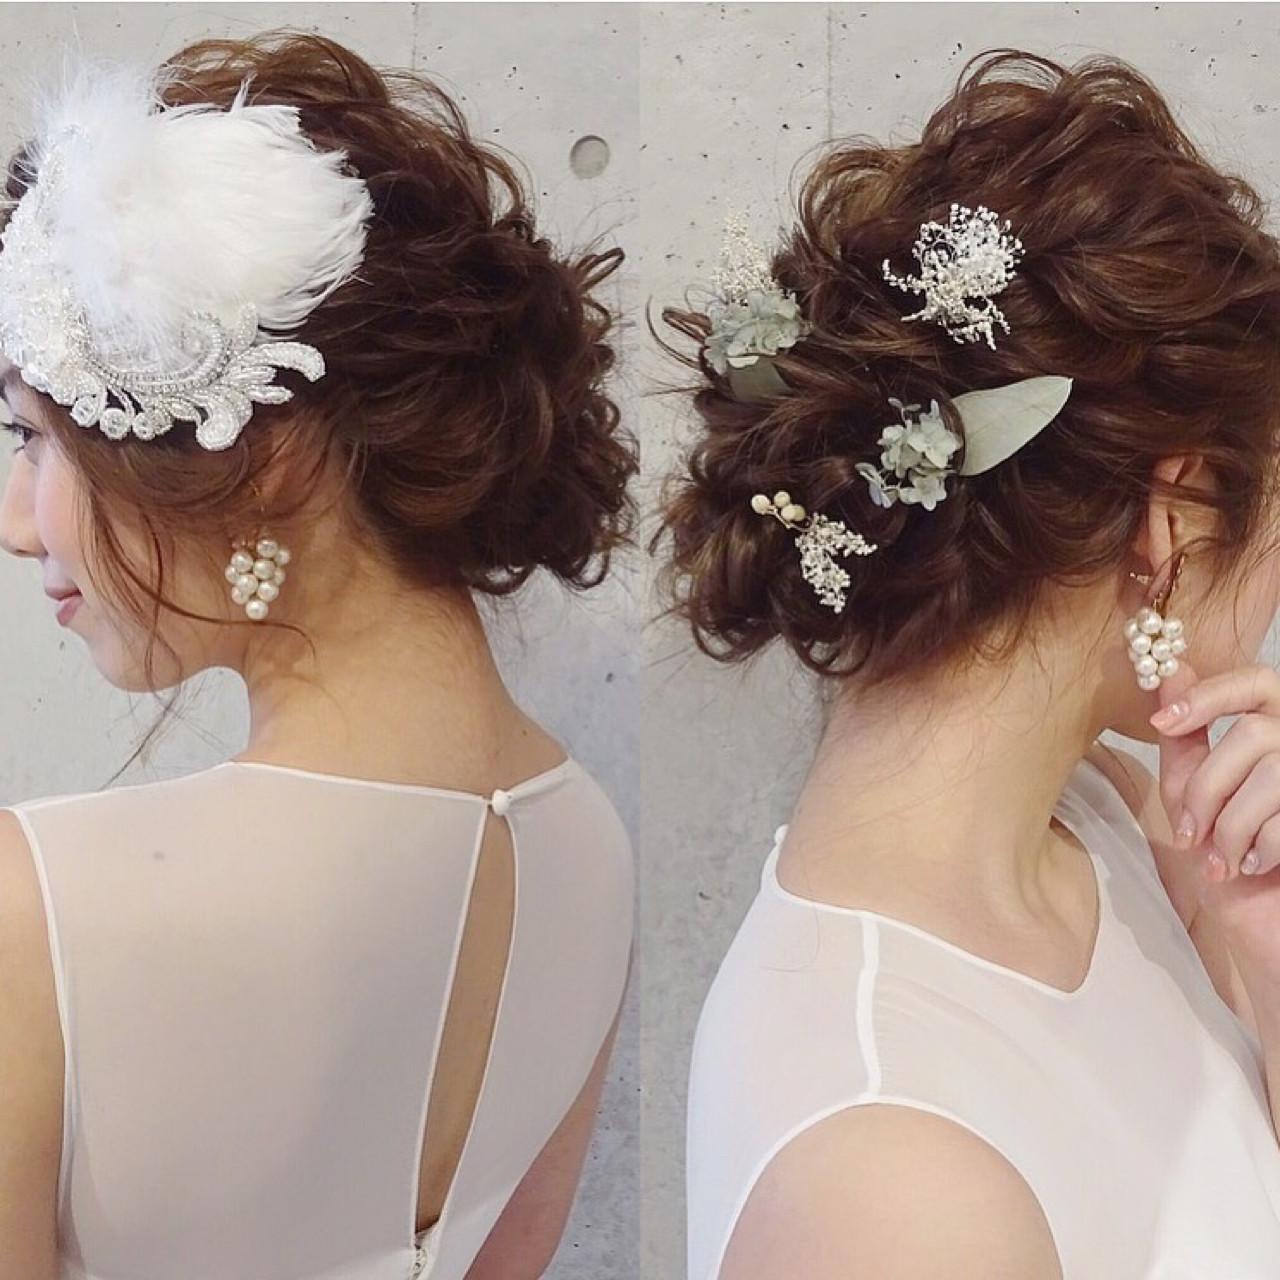 1f763e2126de9 キラキラしている華やかな髪飾りは可愛いですよね!でも、あまり華やかすぎると目立ってしまうのでNG!